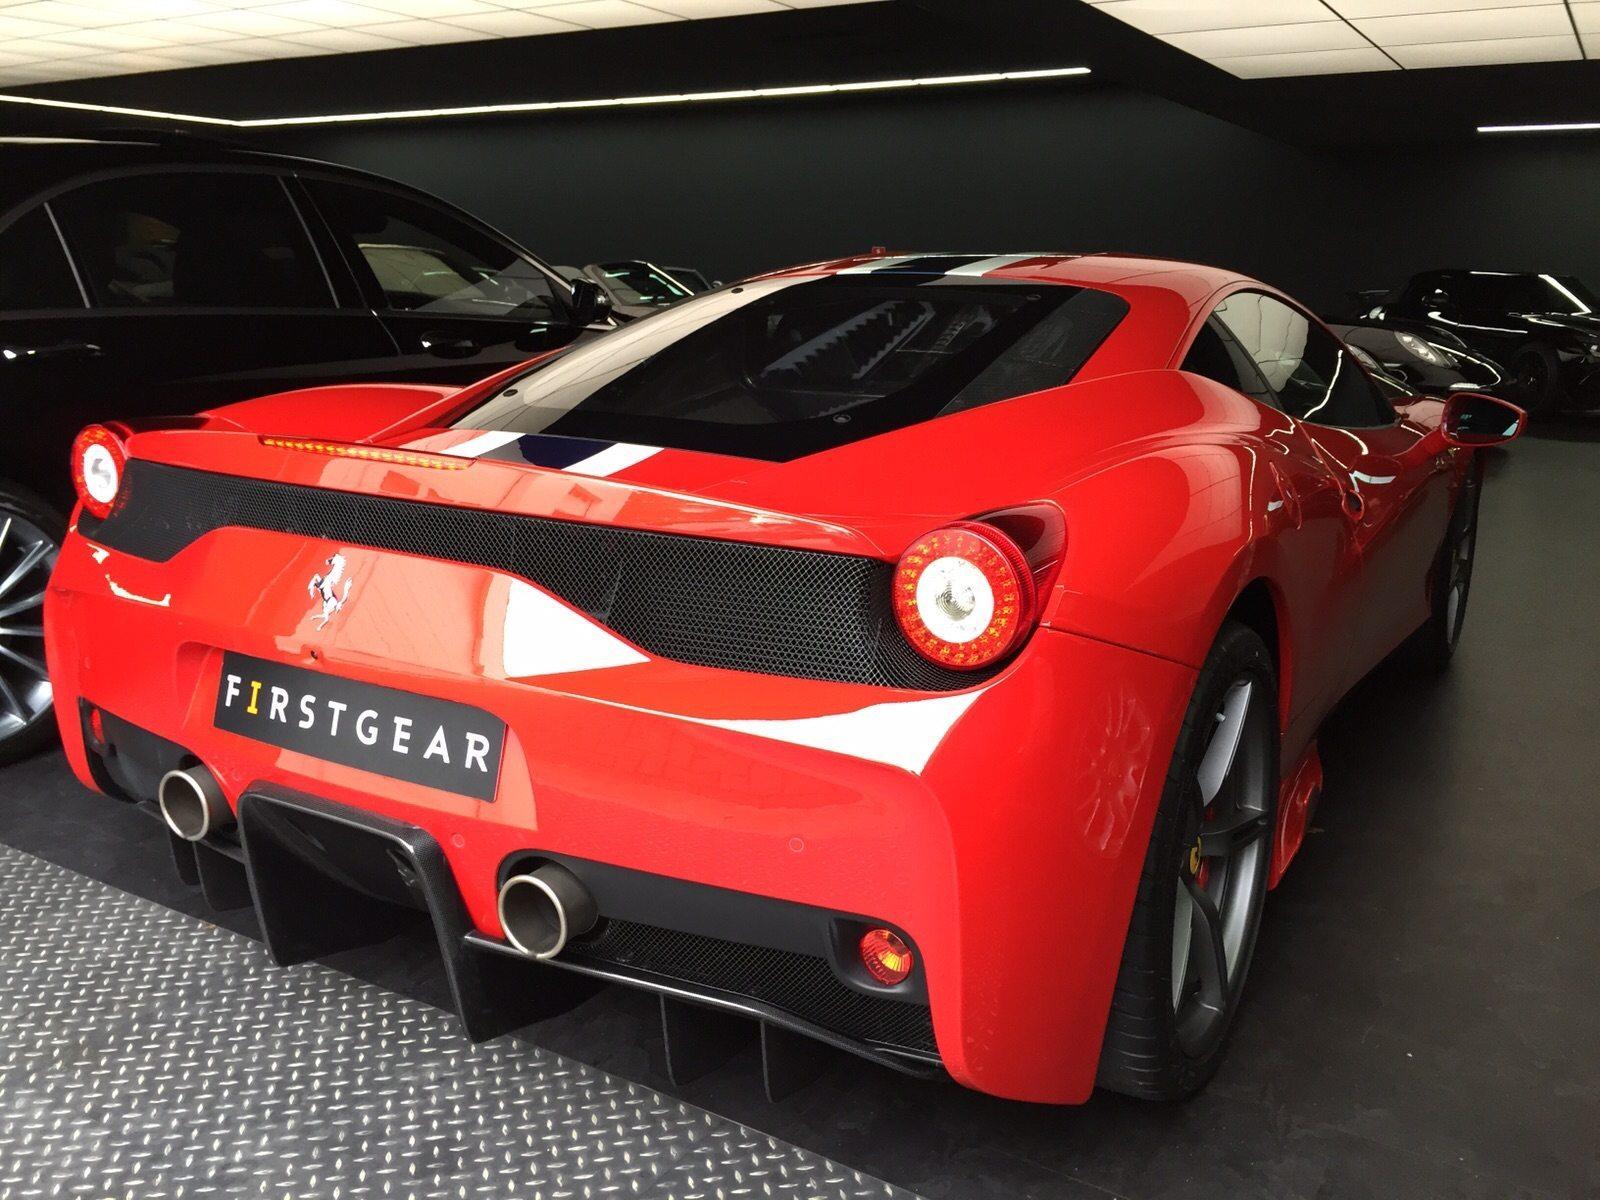 Firstgear Cars B.V.